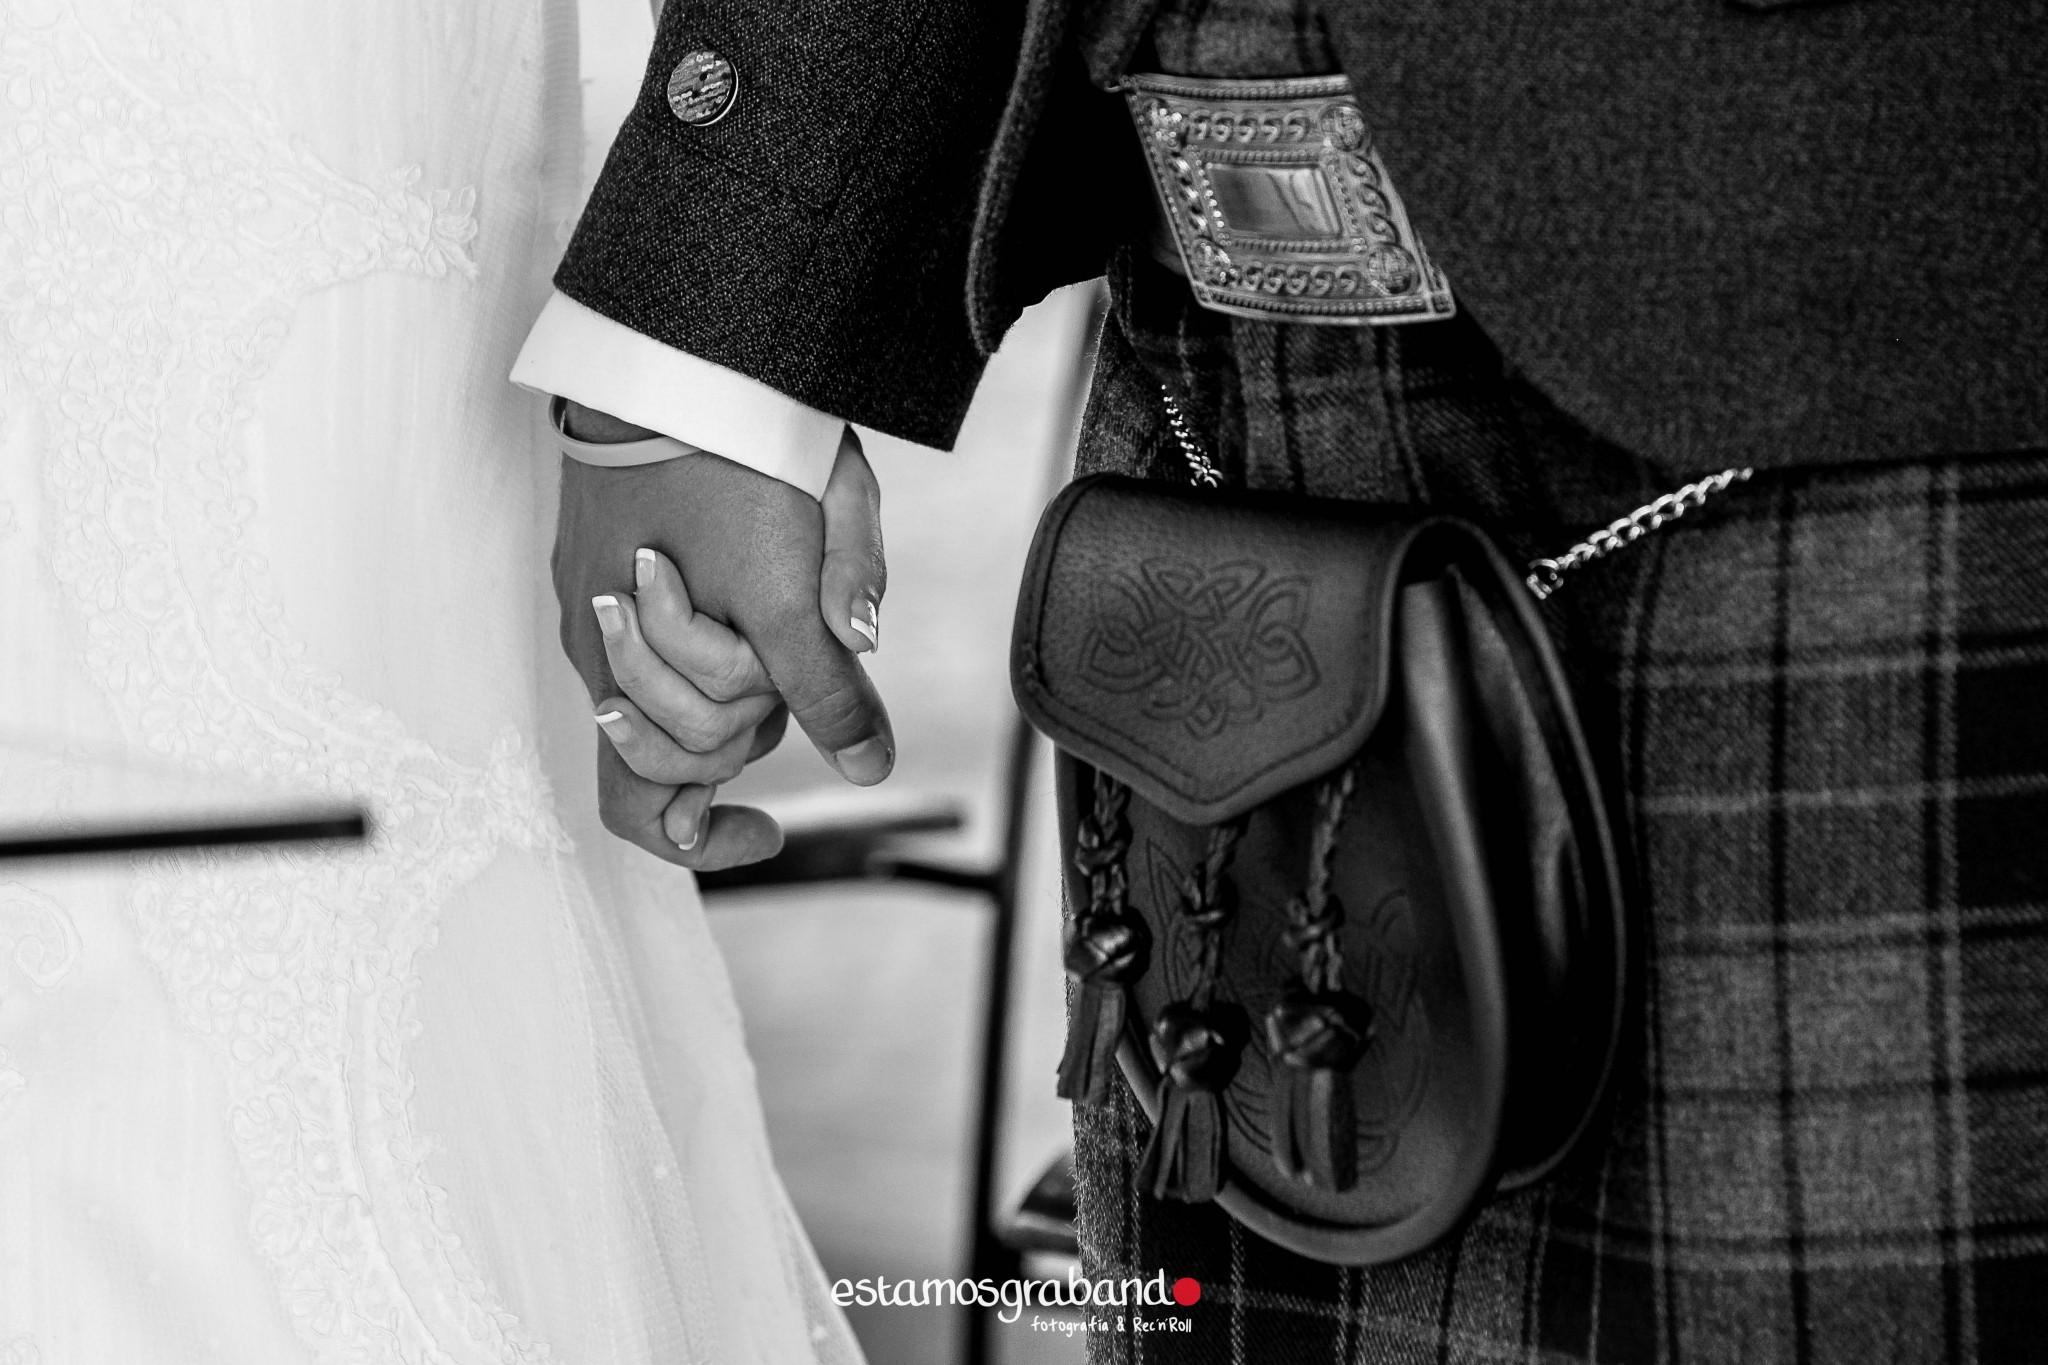 vee-y-juan_boda-escocesa-8 La boda de Braveheart (Spanish version)_Vee & Juan - video boda cadiz